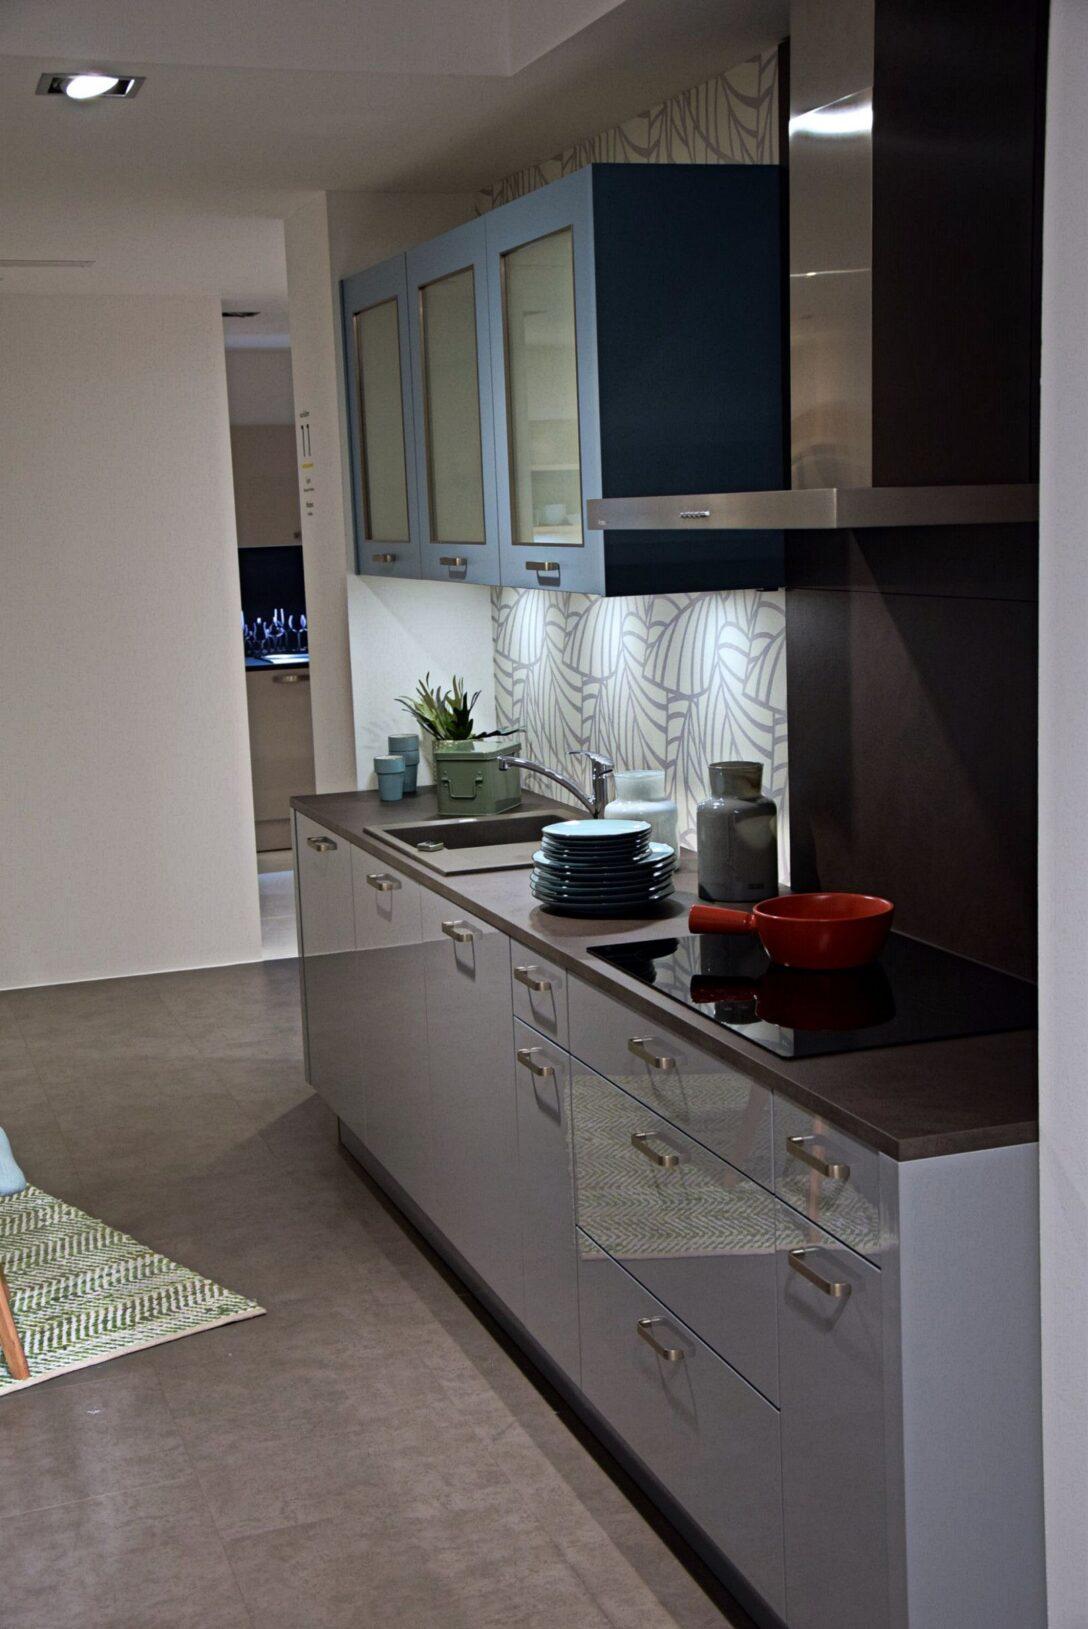 Large Size of Nolte Küchen Ersatzteile Kche Grau Kupfer Betten Regal Schlafzimmer Küche Velux Fenster Wohnzimmer Nolte Küchen Ersatzteile